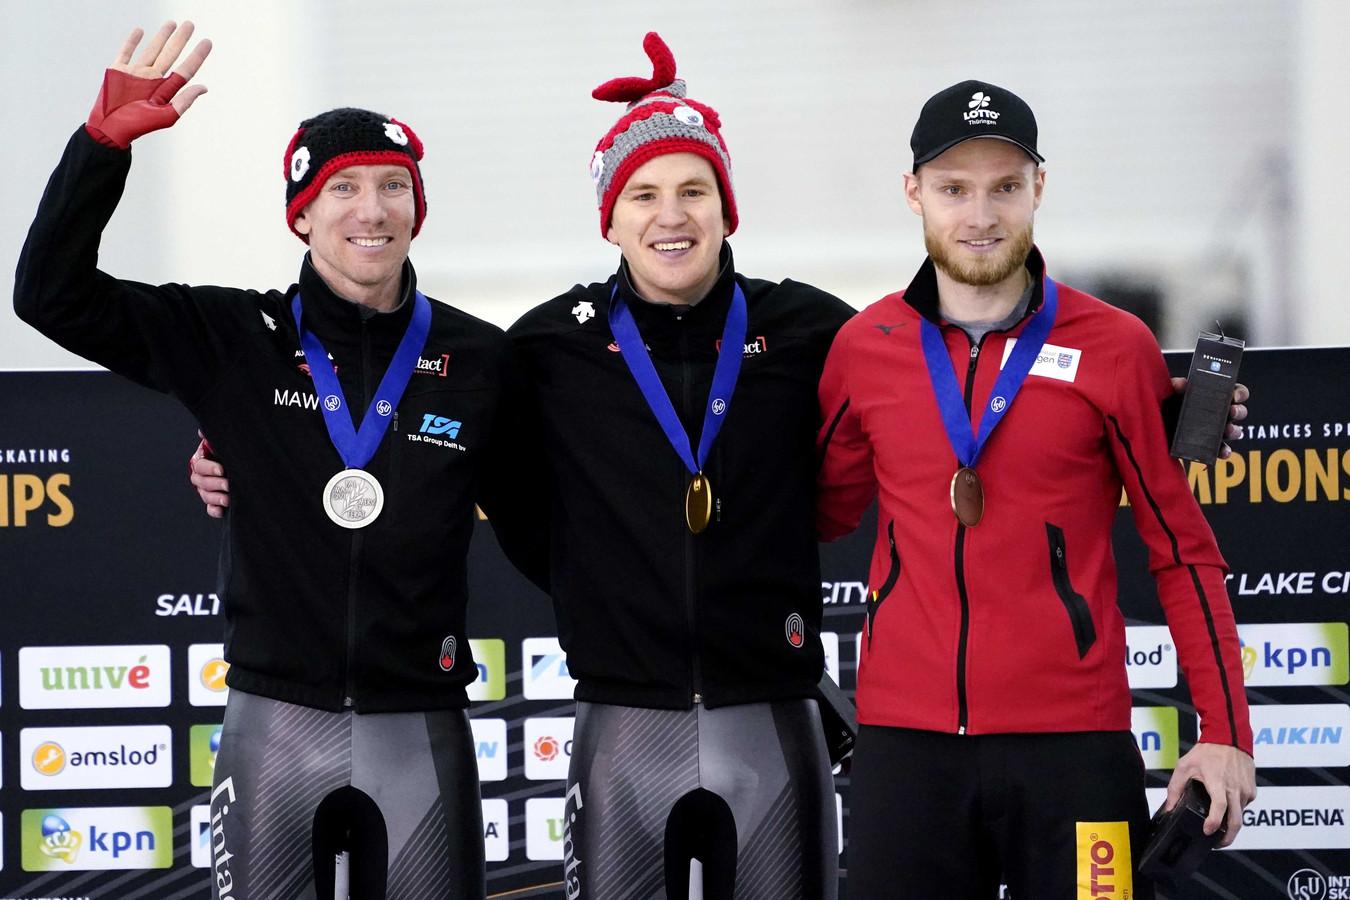 Het podium op de 10 kilometer: Ted-Jan Bloemen, Graeme Fish en de Duitser Patrick Beckert.